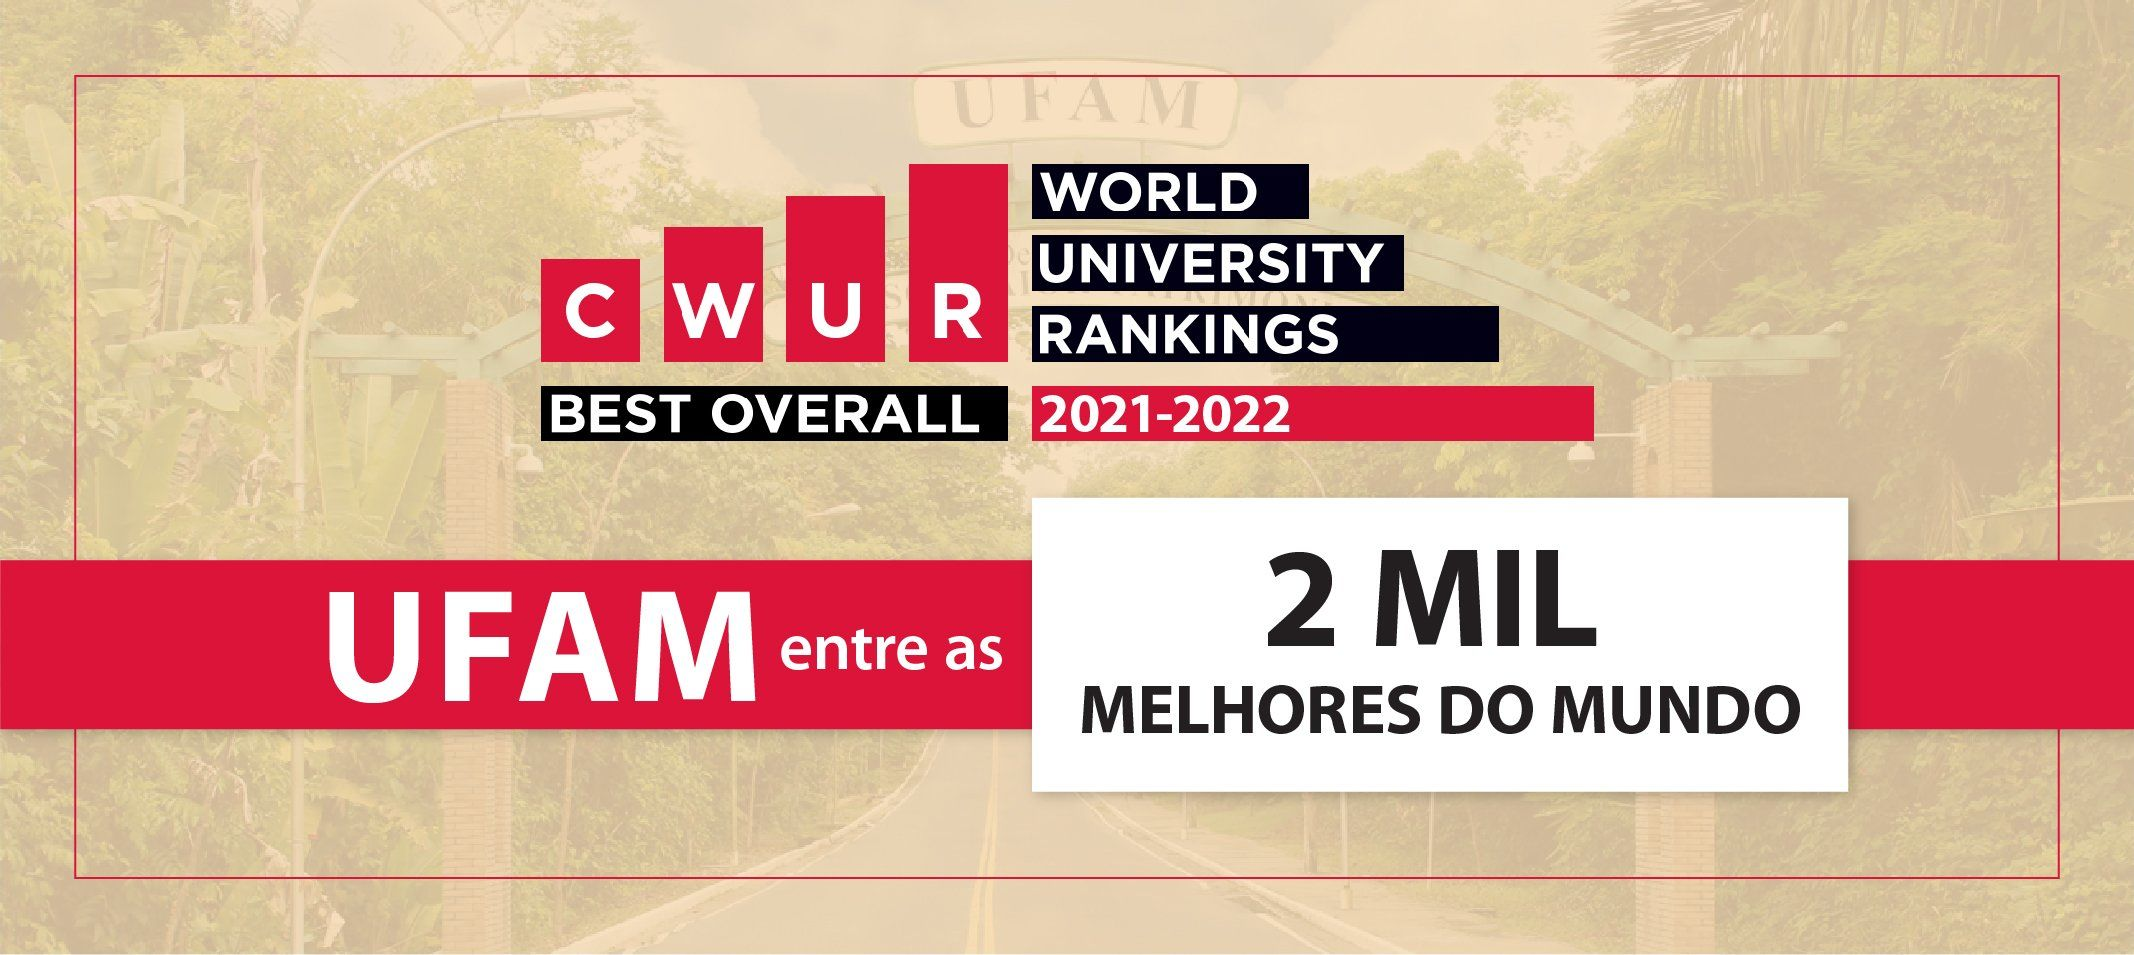 Ranking global coloca Ufam entre as 2 mil melhores universidade do mundo